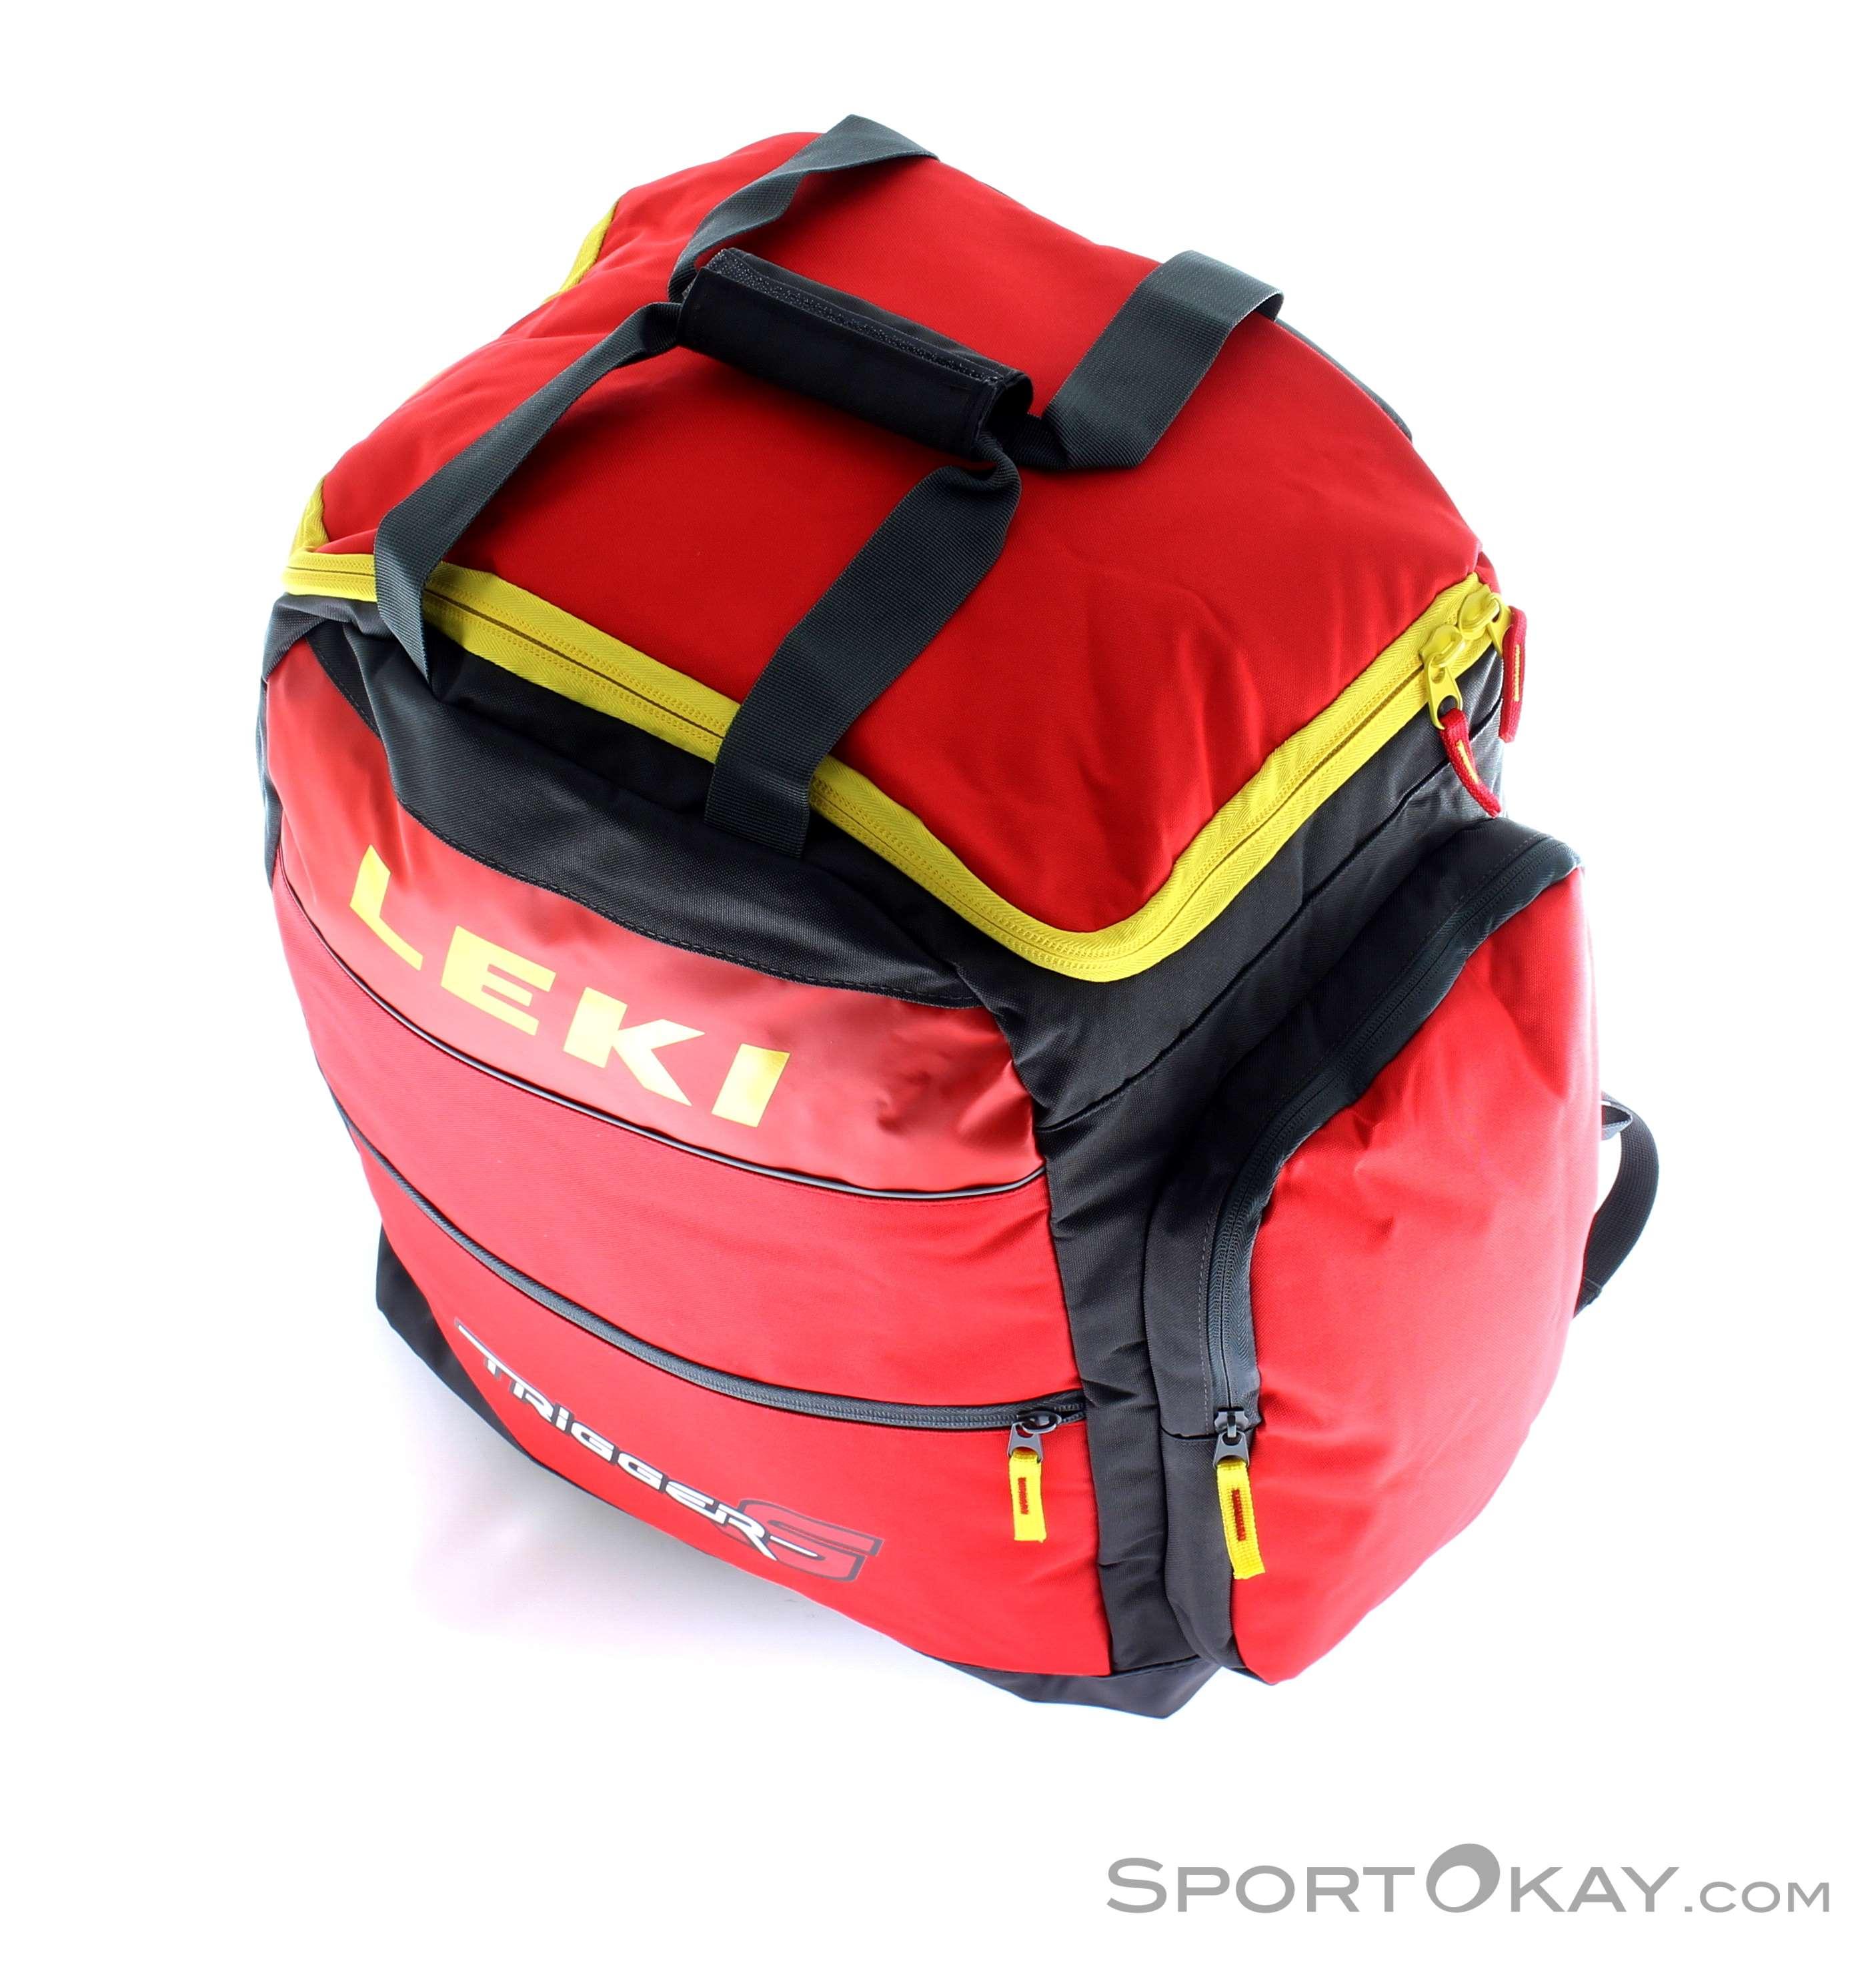 Leki Bootbag Ski Boots Bag - Ski Boots Bags - Skis Bags   Accessory ... be5da7b271e58